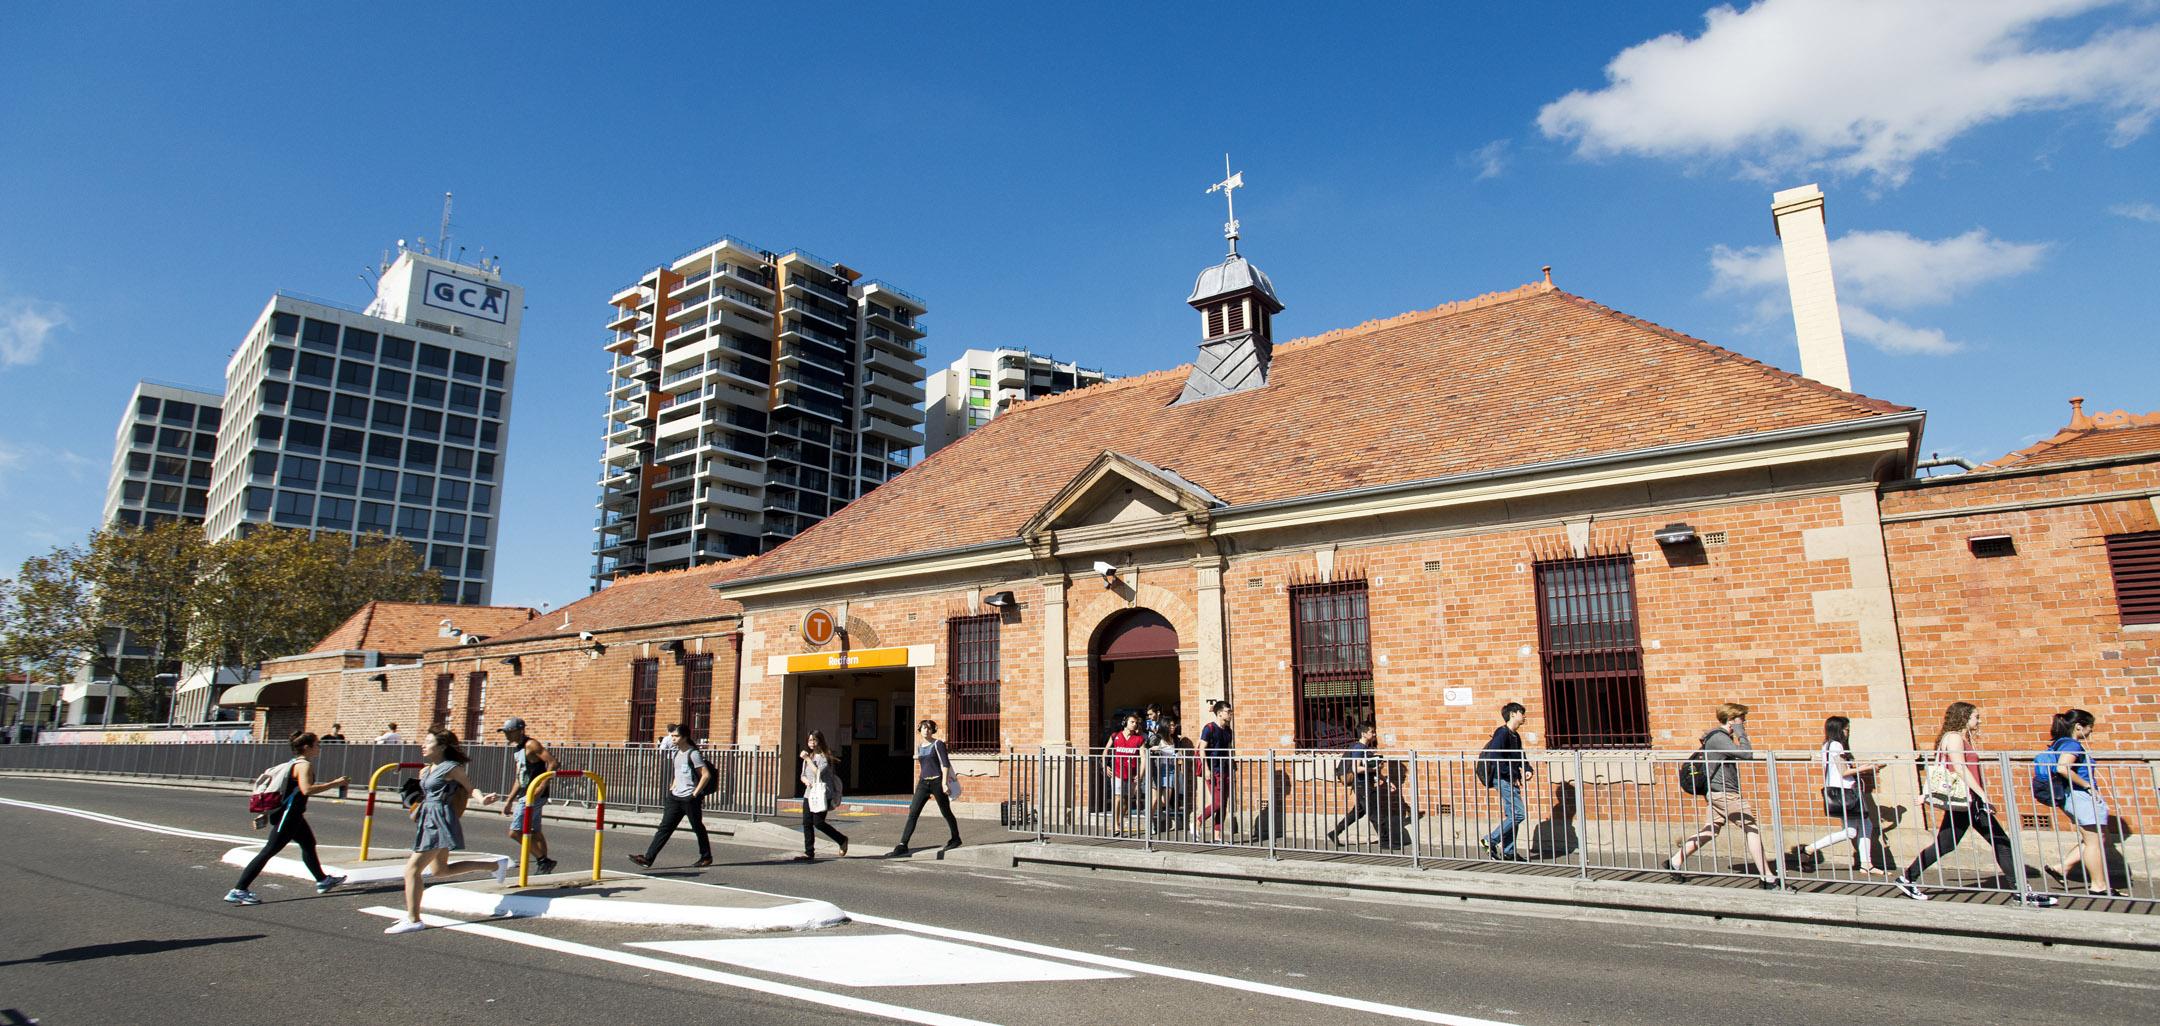 redfern station - photo #14